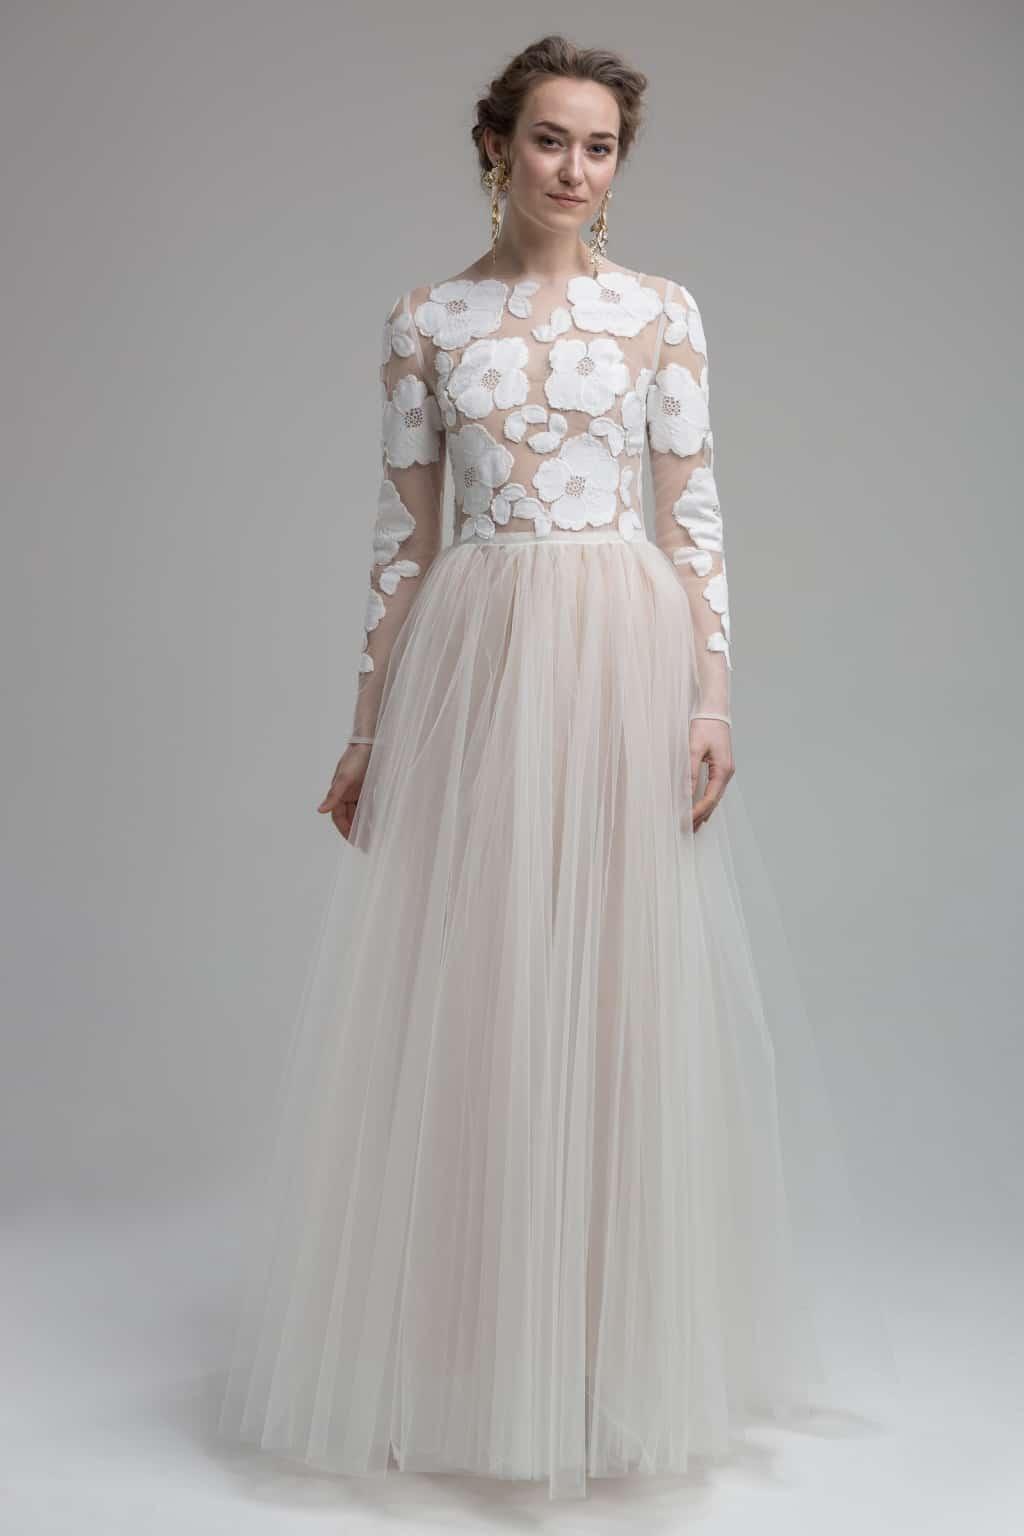 Madison - 2in1 Brautkleid mit zarter, handgestickter Spitze und leichtem Tüllrock.